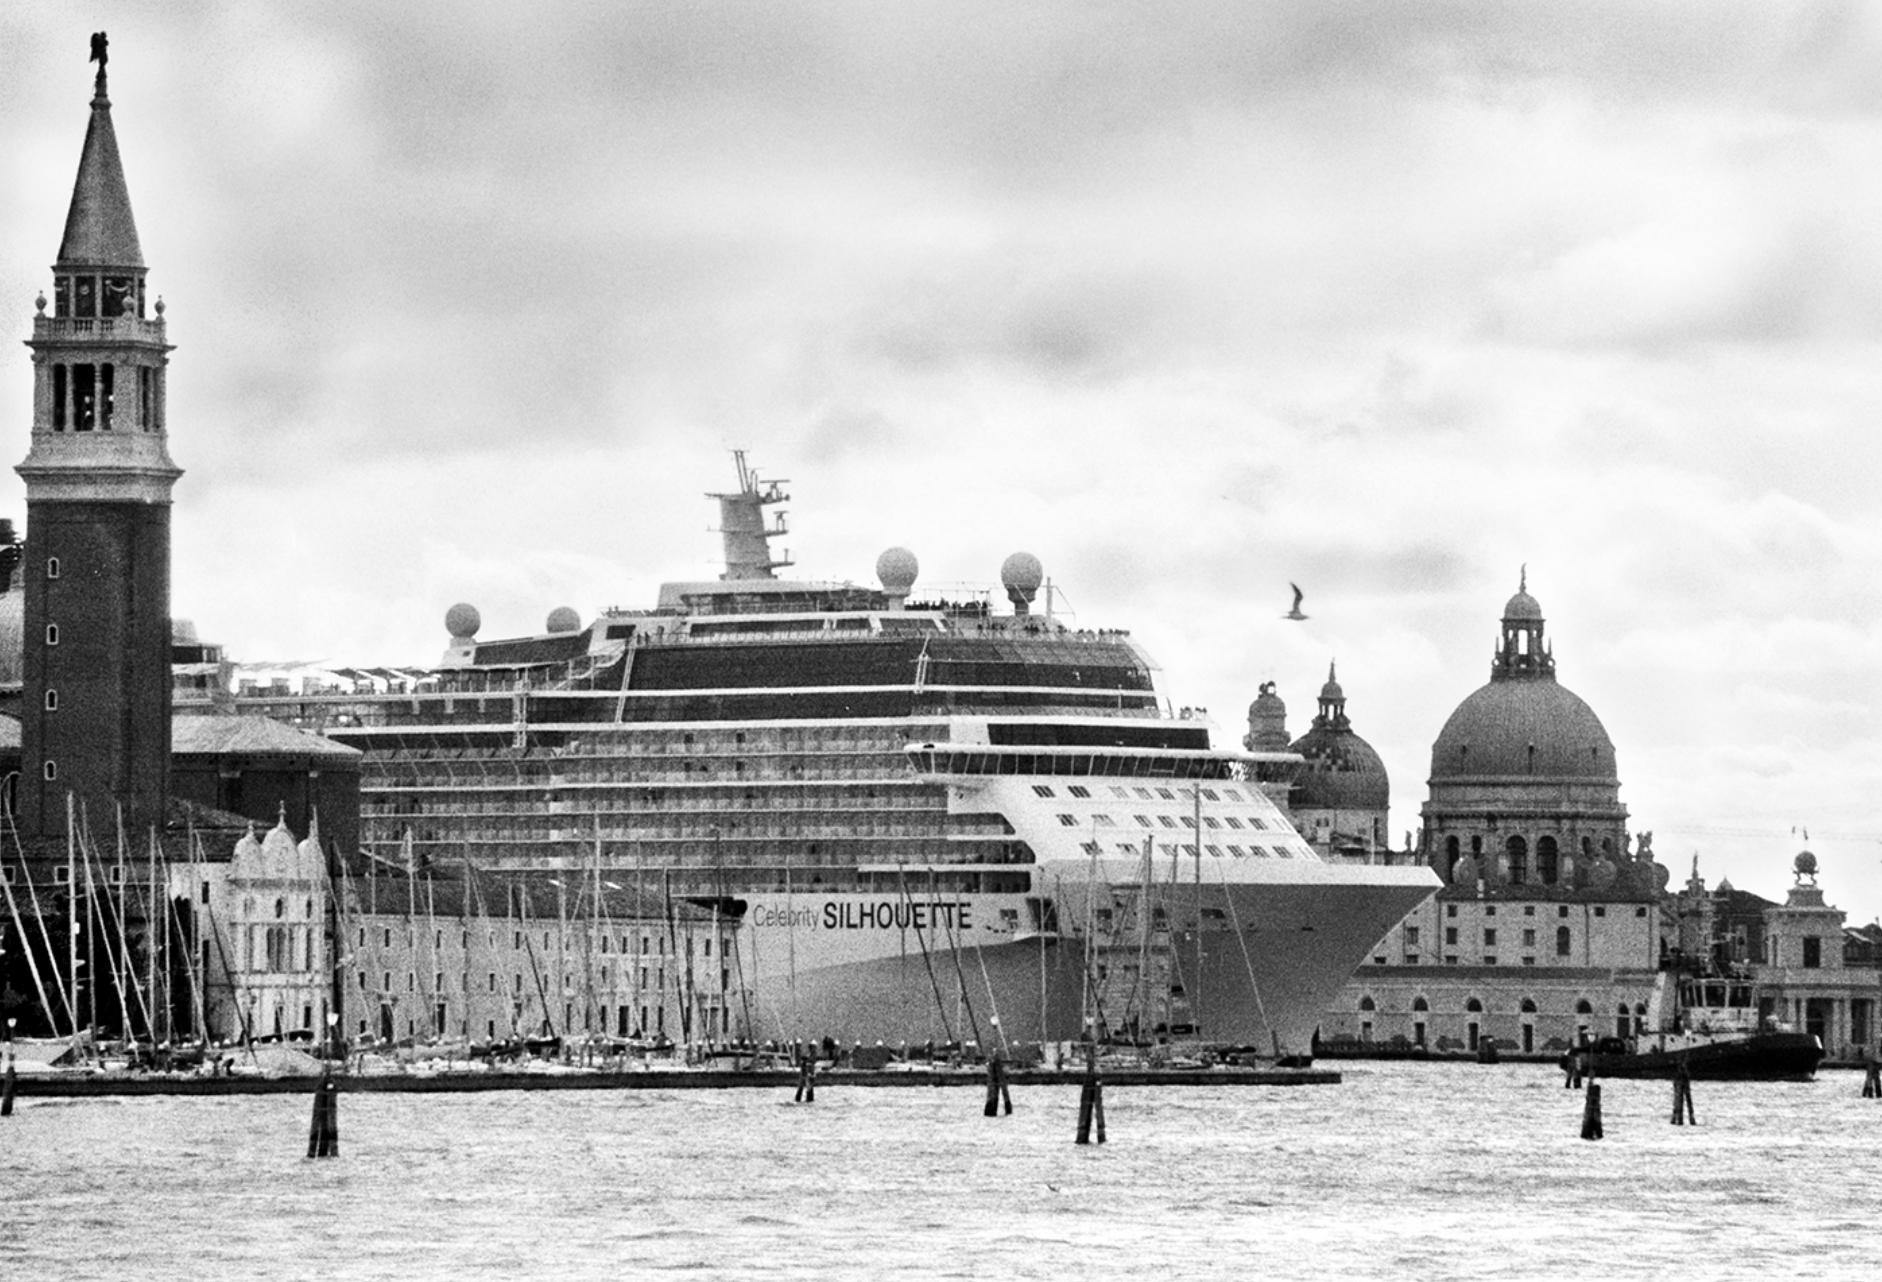 Venezia e le grandi navi secondo Gianni Berengo Gardin